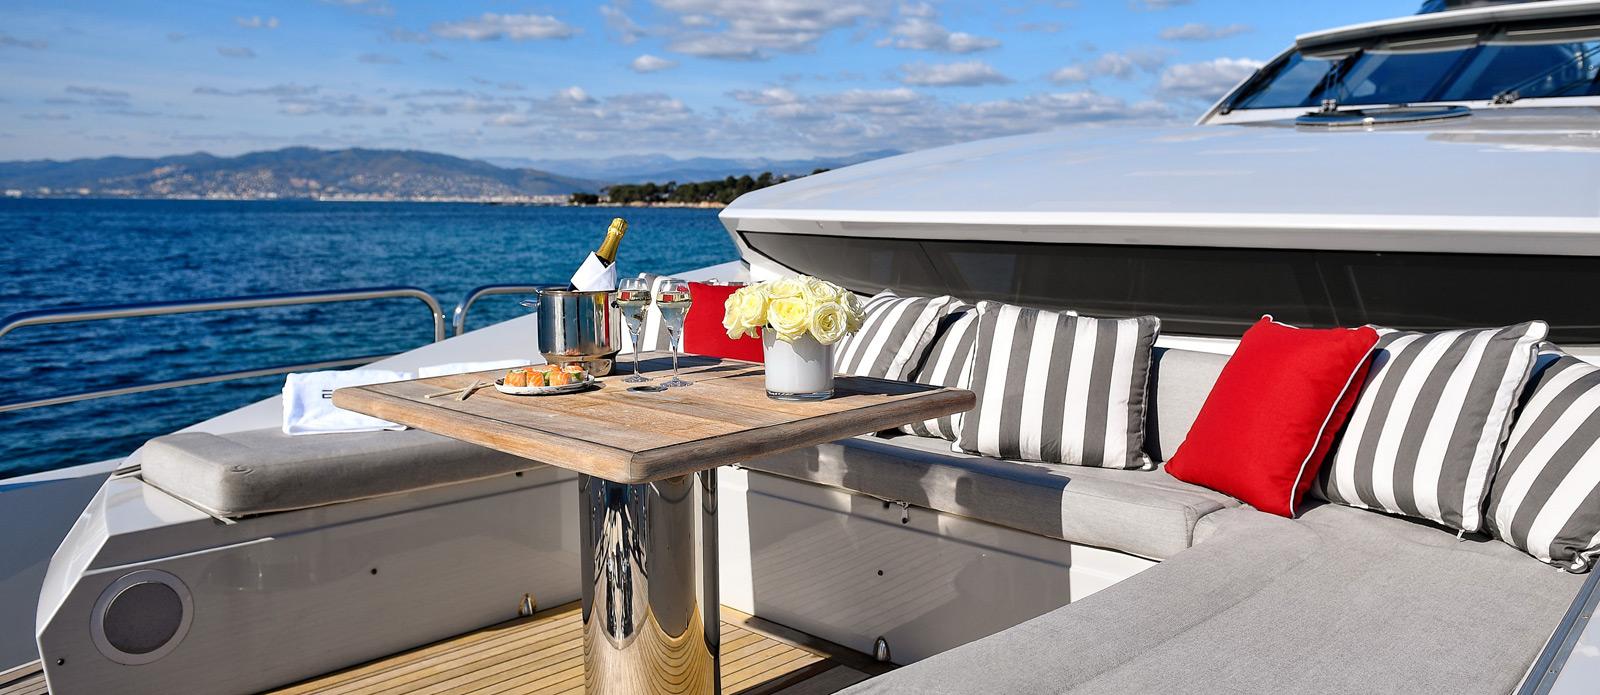 Sunseeker-34-Metre-Yacht---Emoji---Bow-Seating-3